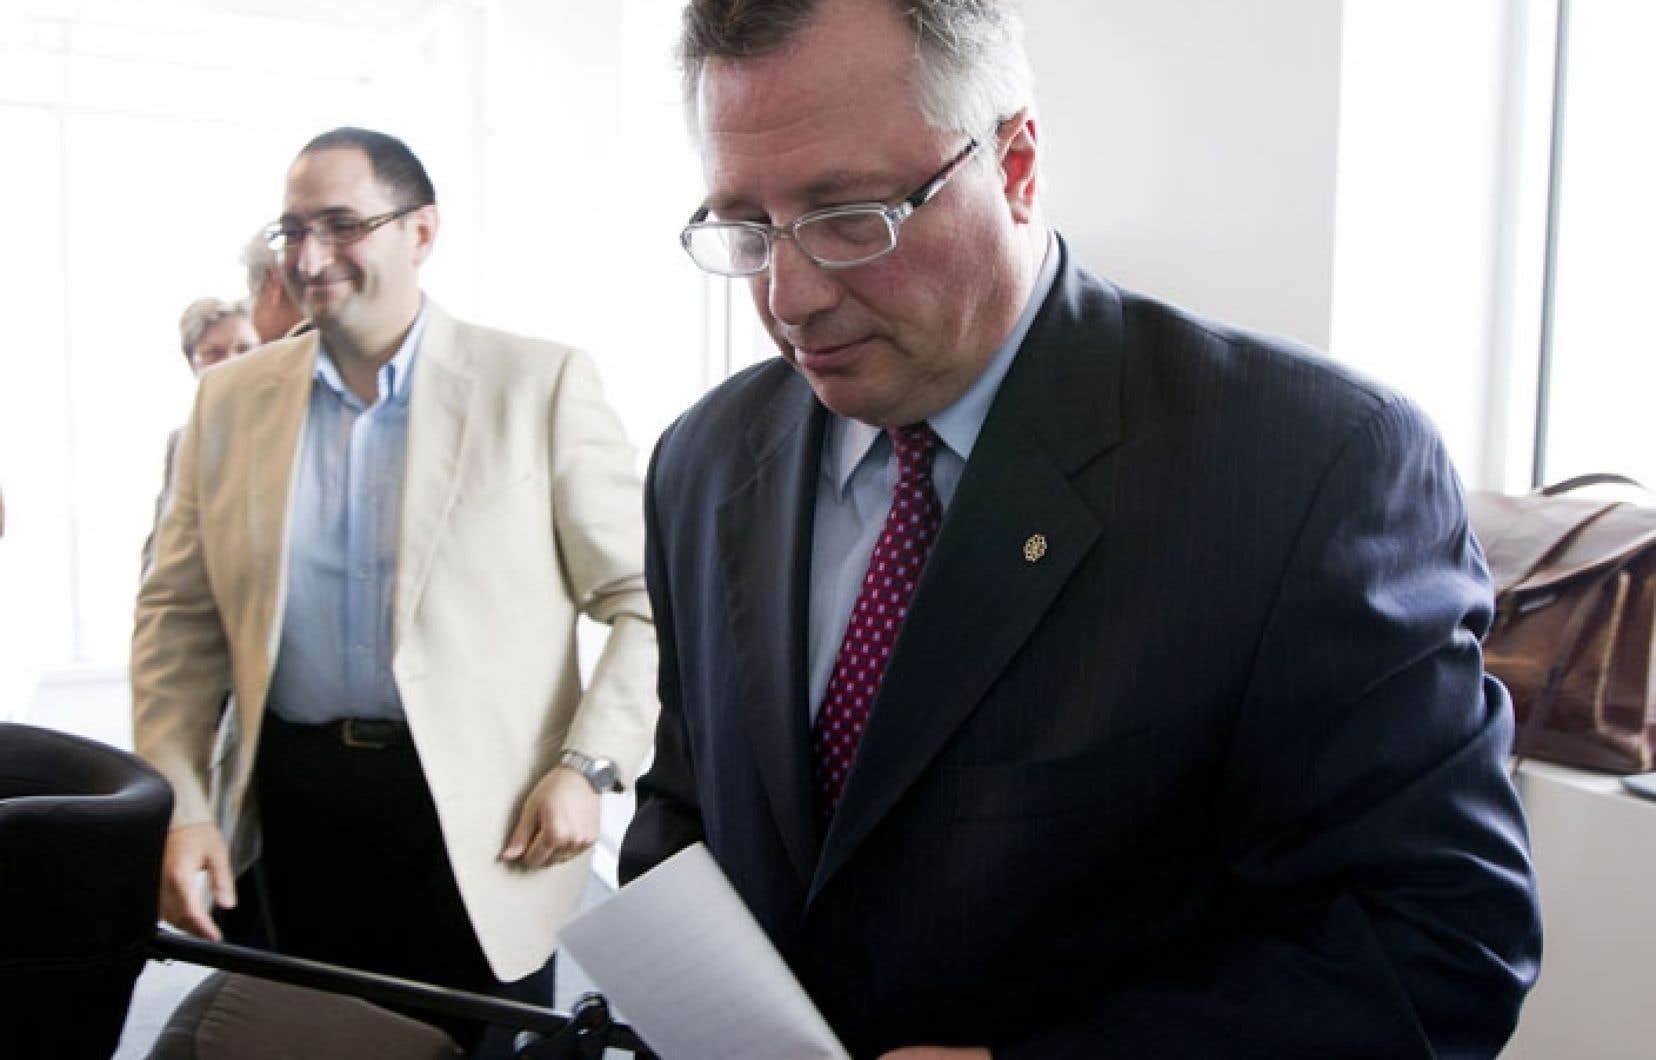 Richard Deschamps à la conférence de presse où le parti Union Montréal annonçait sa dissolution